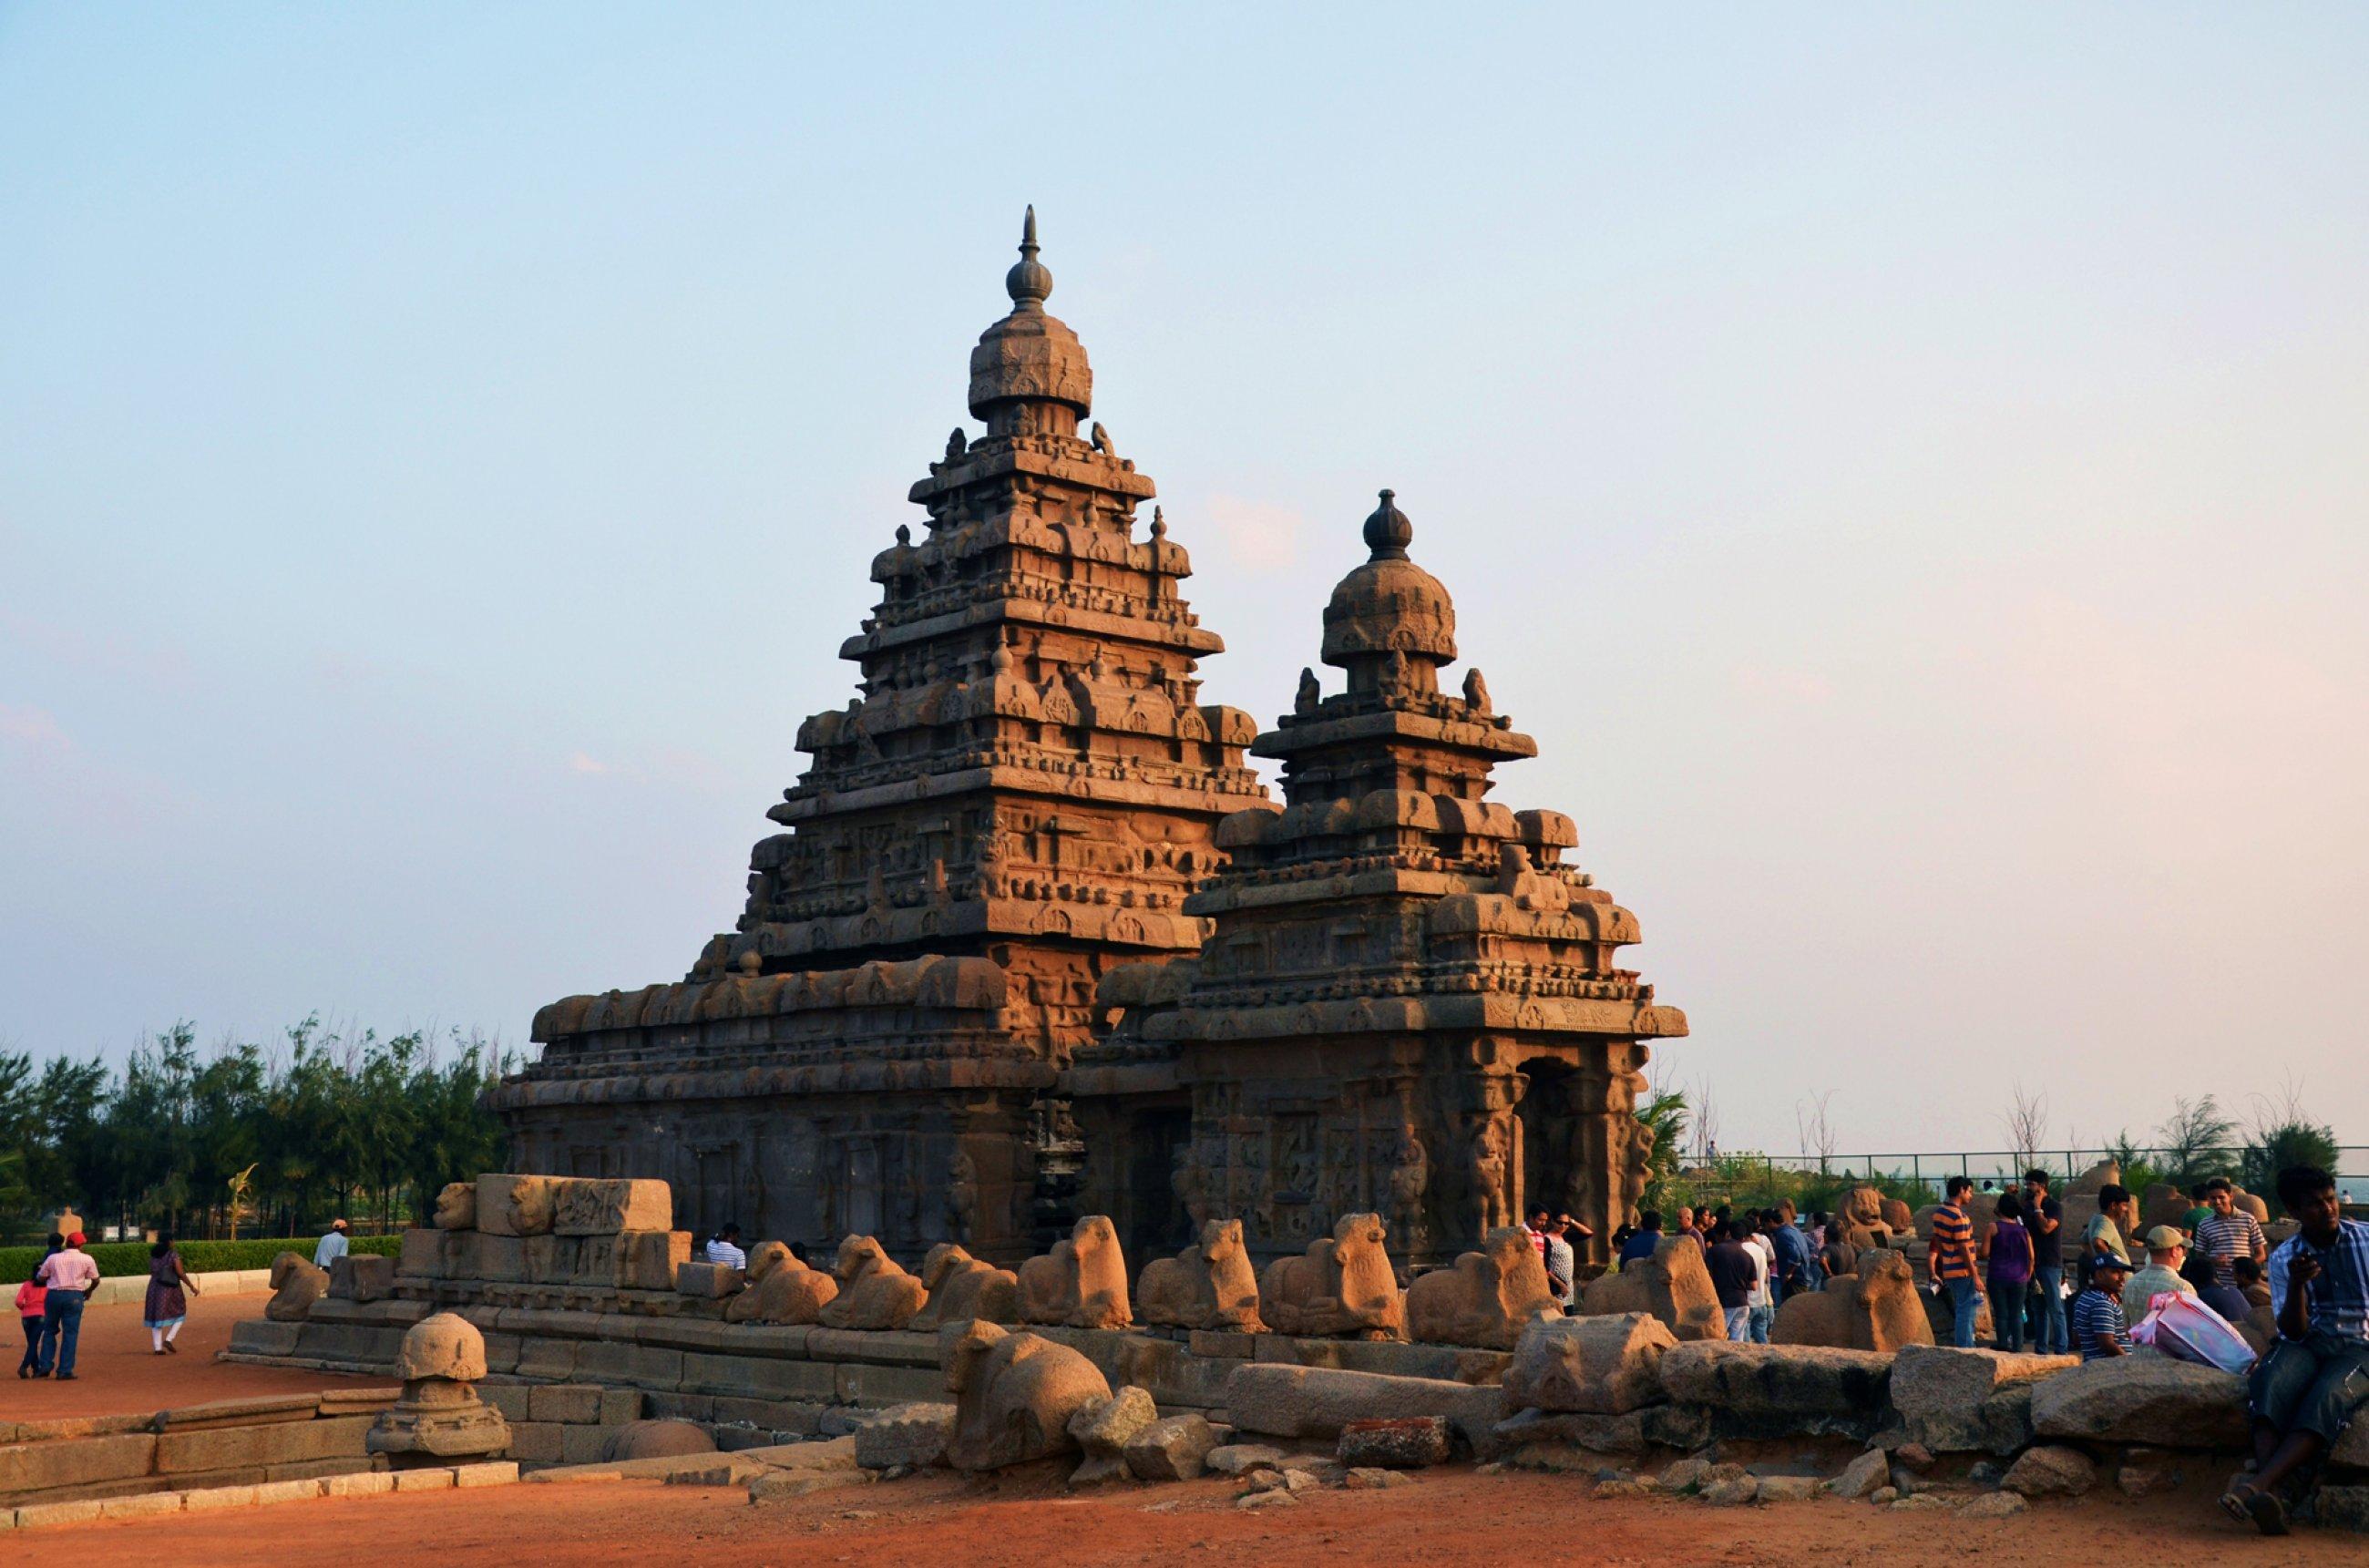 https://bubo.sk/uploads/galleries/7543/ji-mahabalipuram-ji-stano-raab-maca-fitkova-2014-26-.jpg